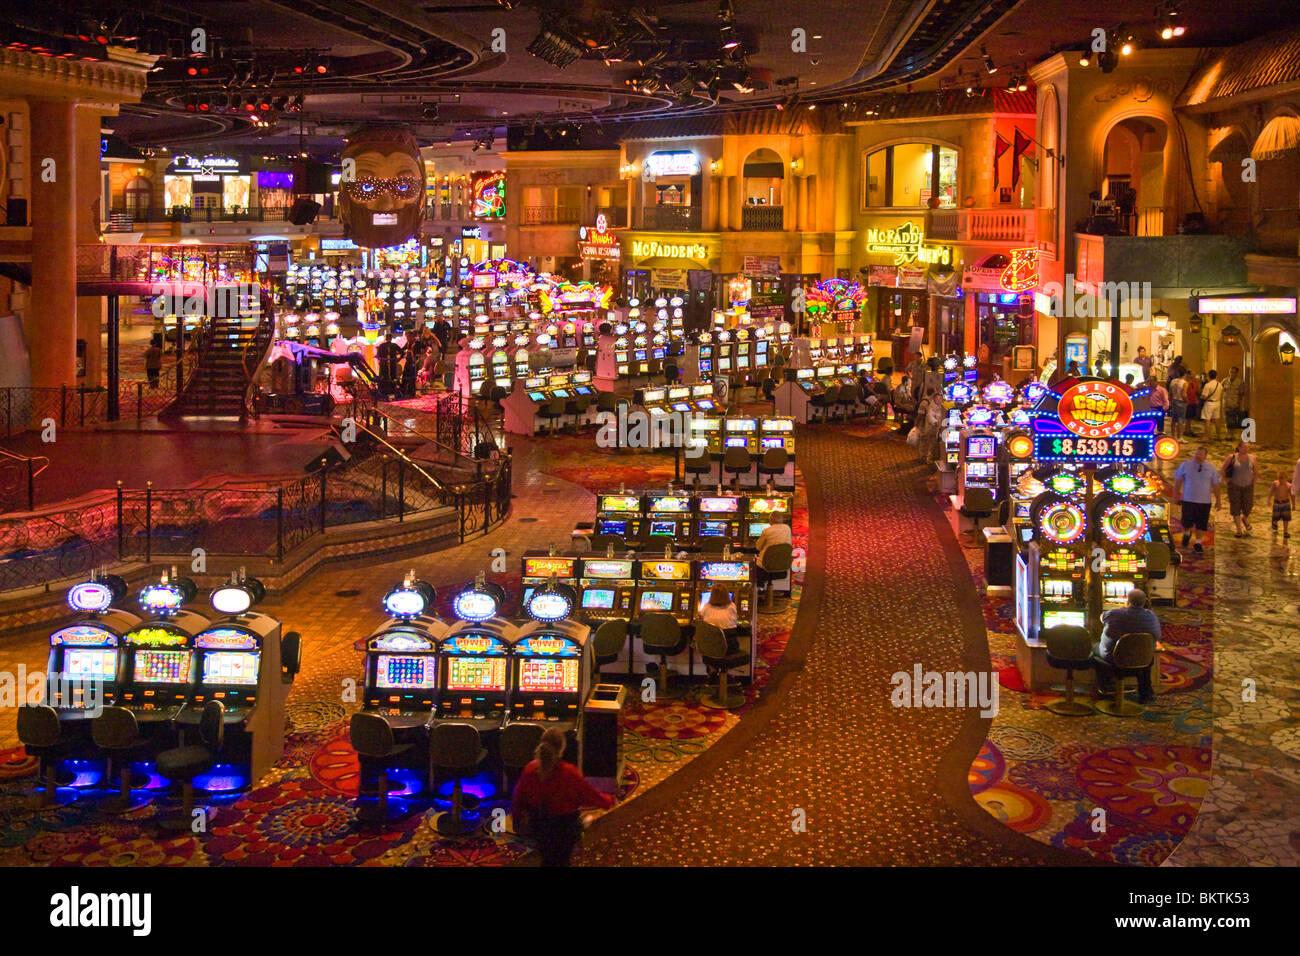 Rio All Suite Hotel Vegas